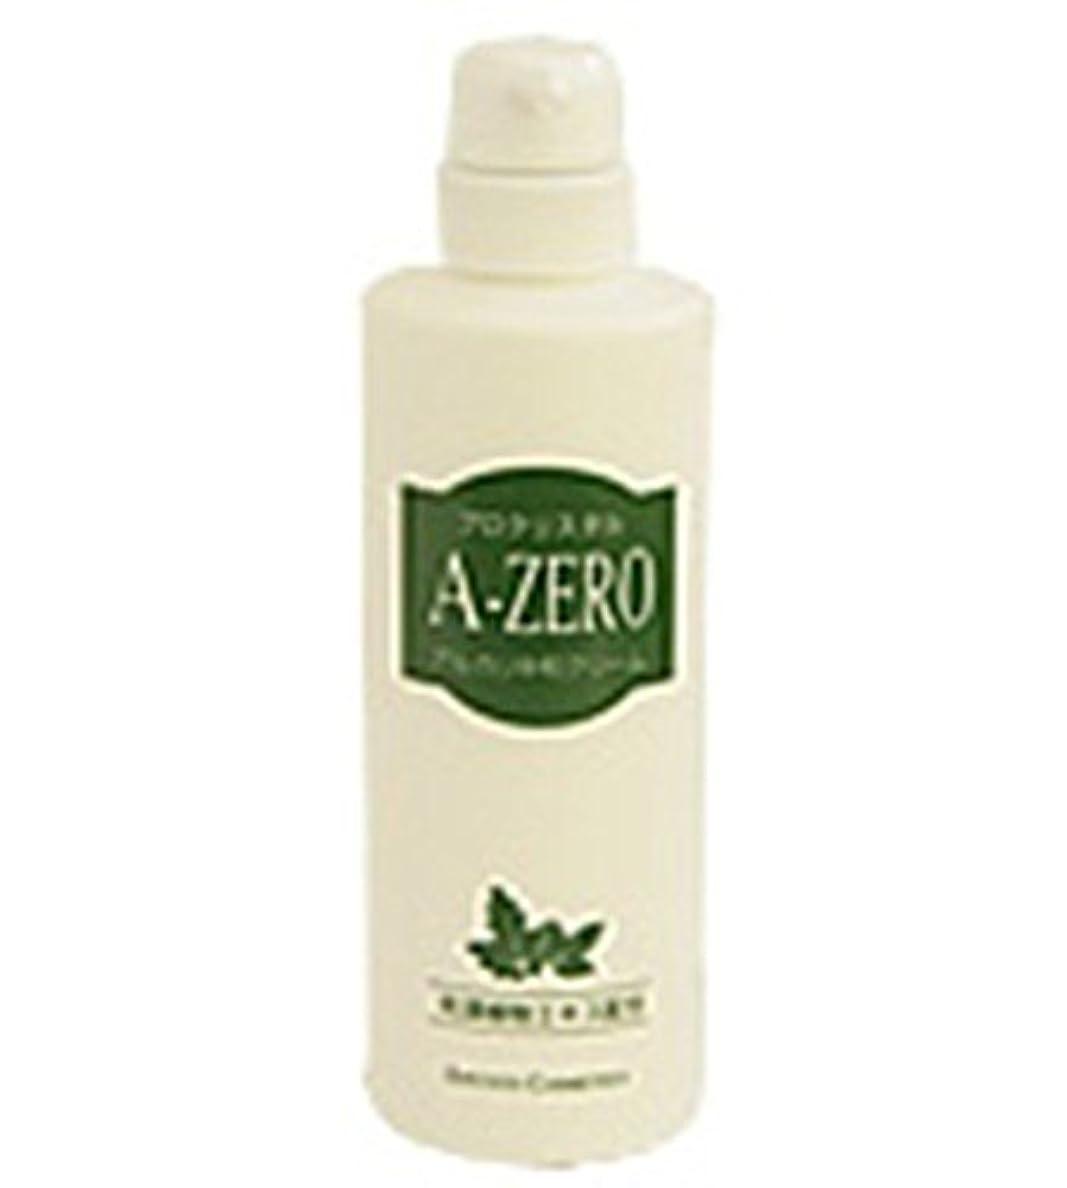 寸法盆地オゾンアペティート化粧品 プロクリスタル A-ZERO 500g